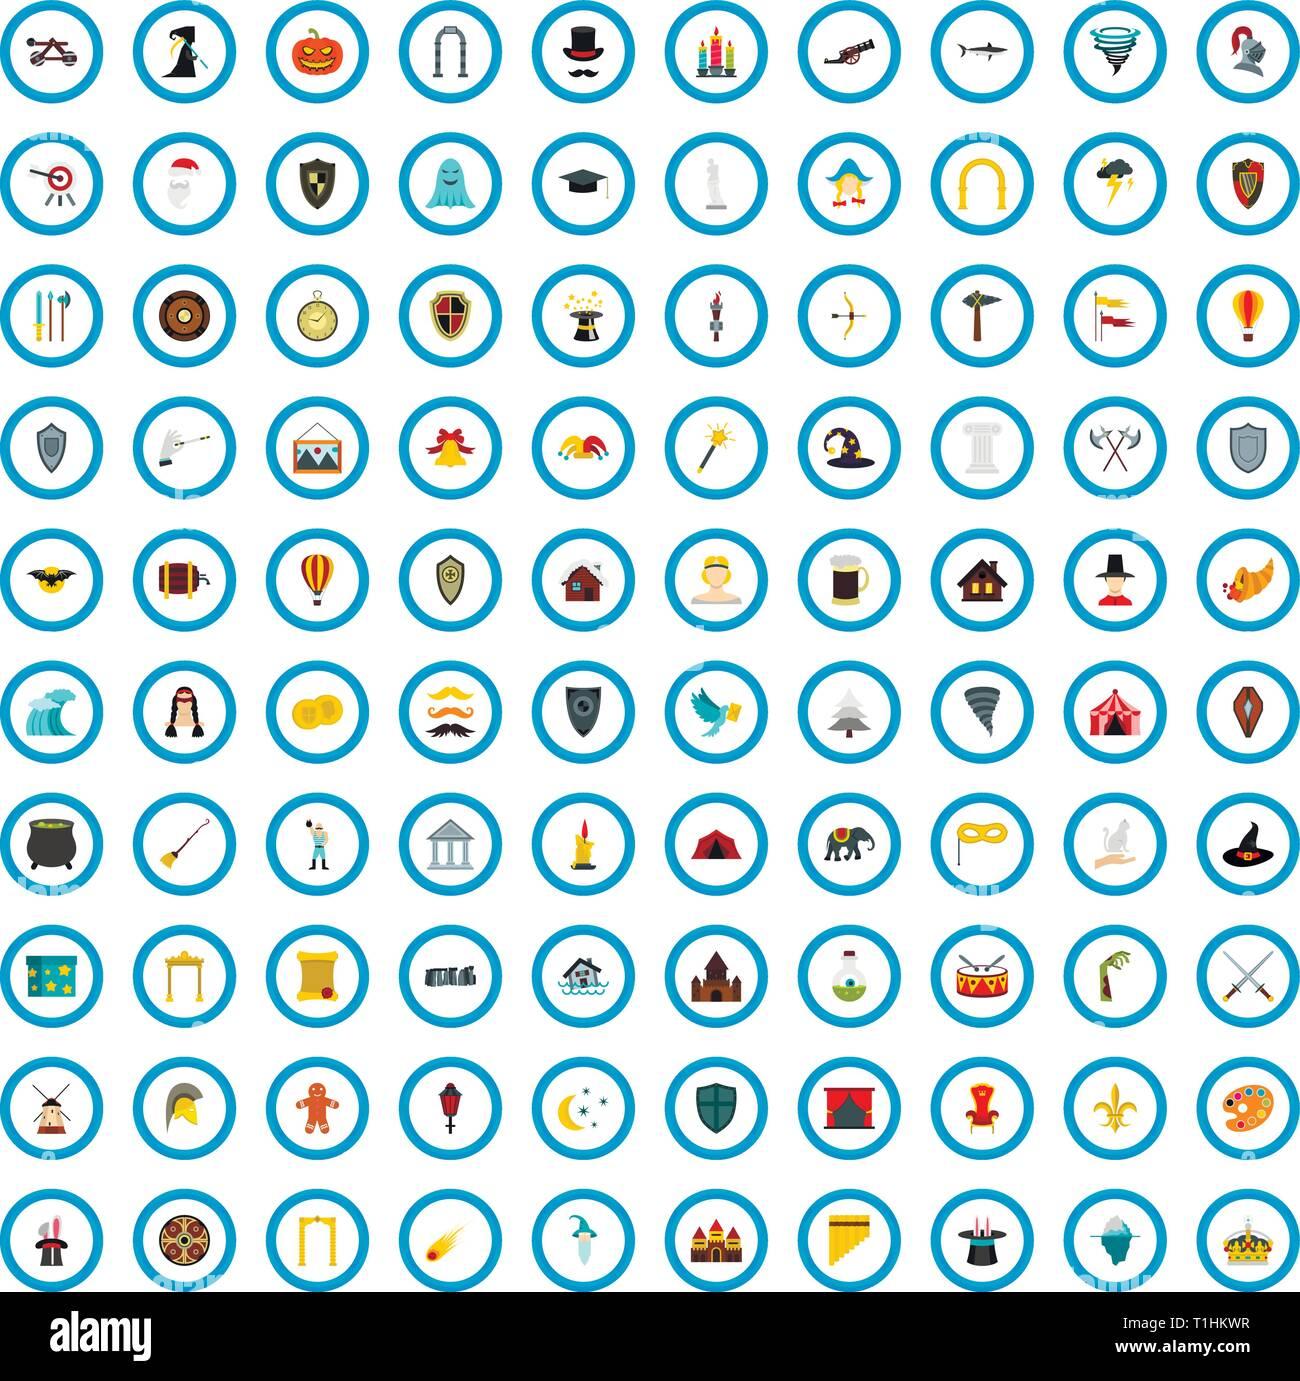 100 myth icons set, flat style - Stock Image